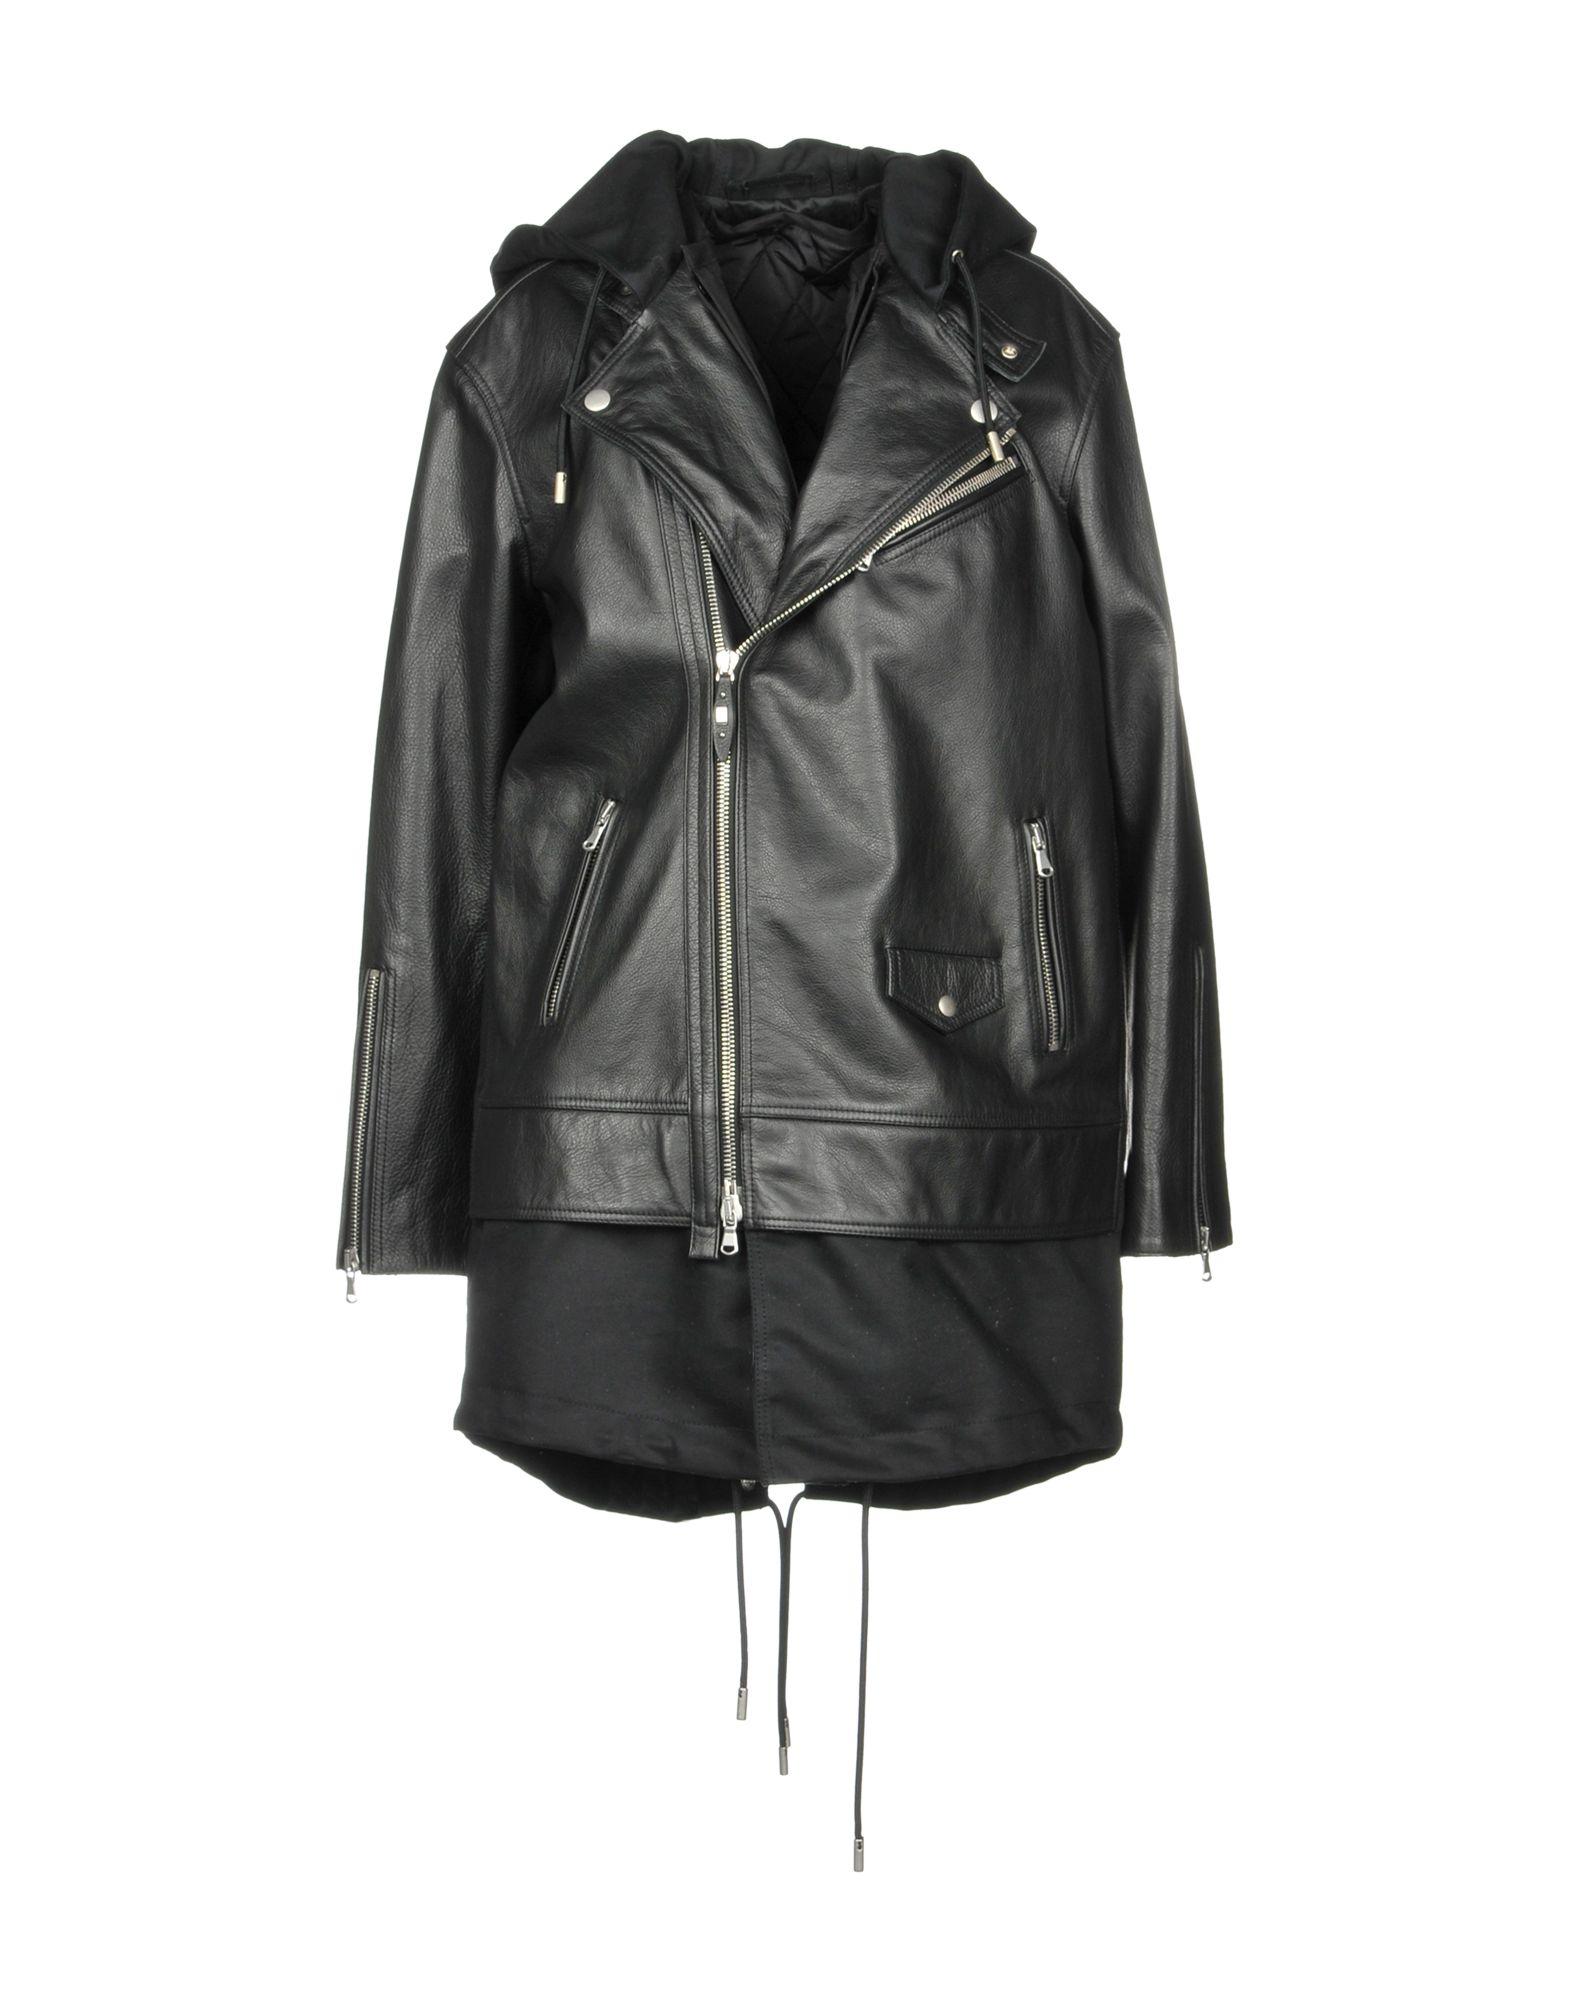 Full-Length Jacket in Black